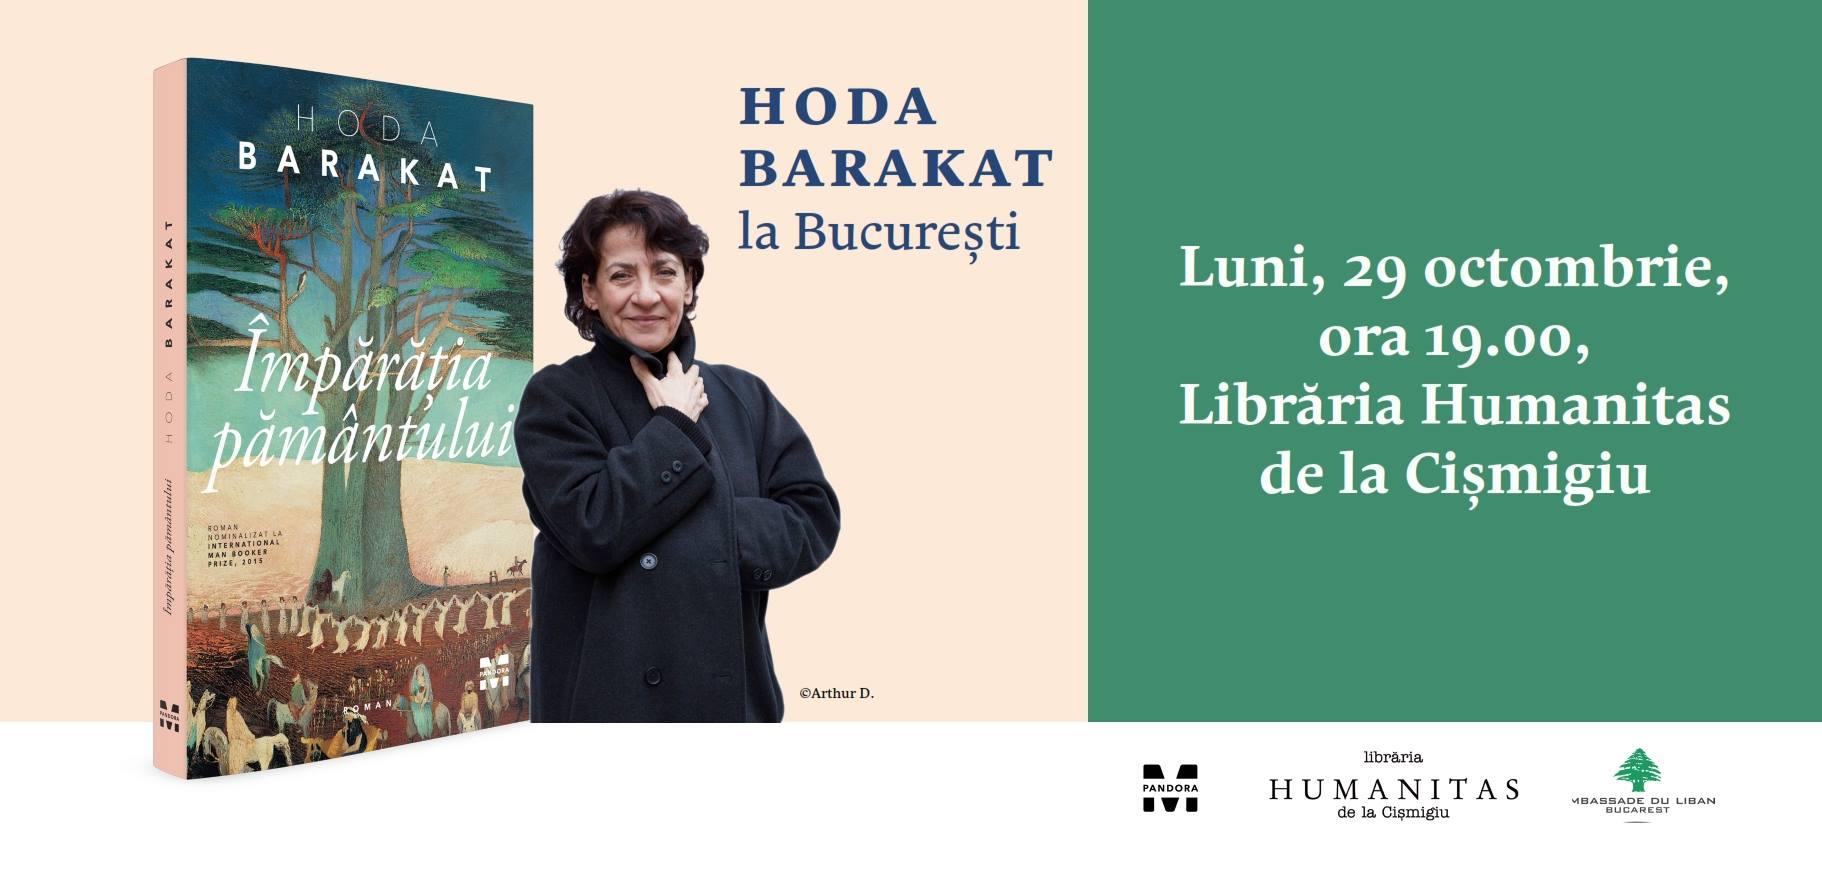 Hoda Barakat la București